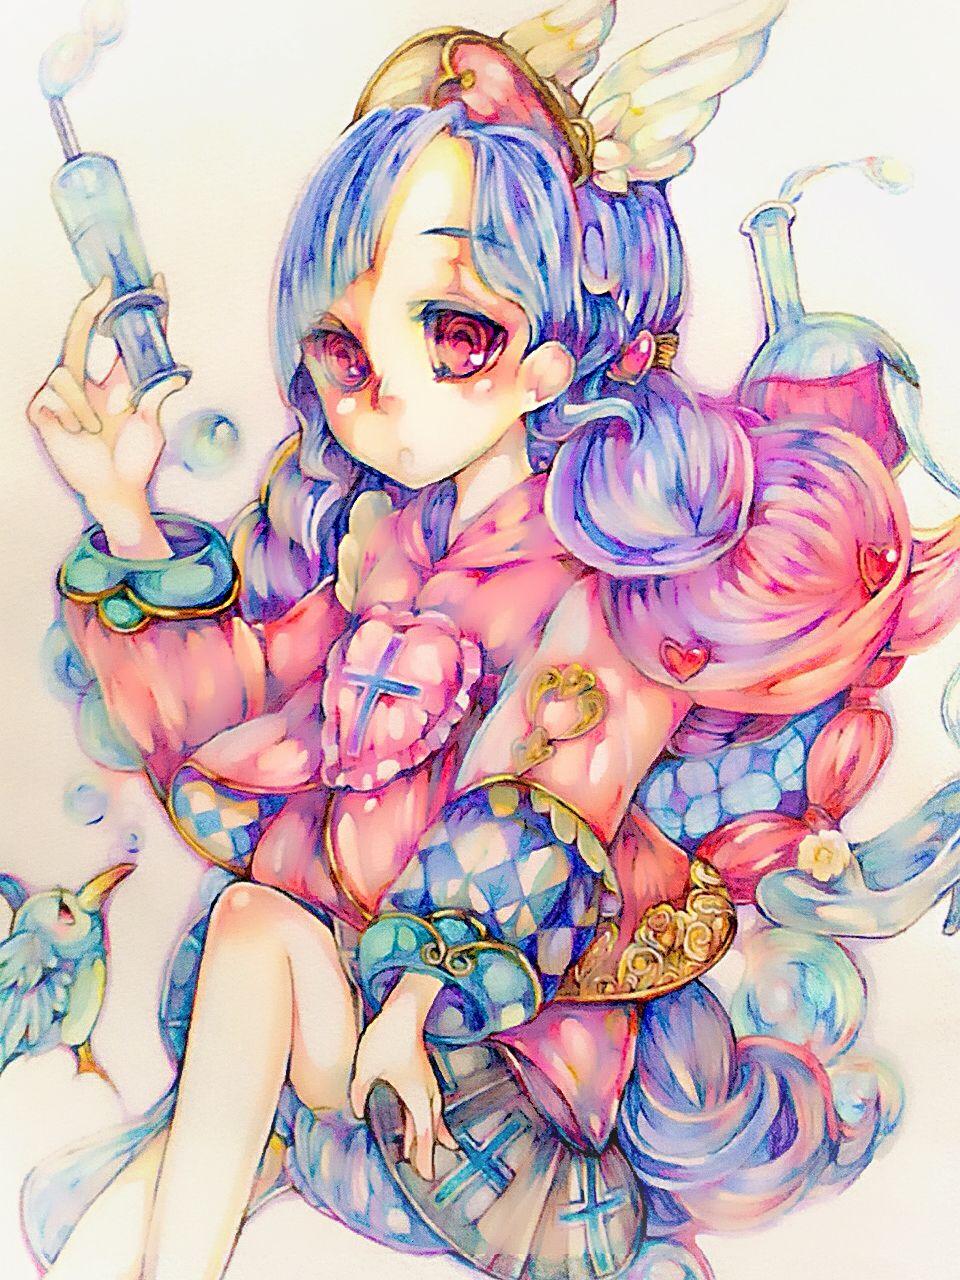 色鉛筆 女の子 イラスト イラスト 女の子イラスト 色鉛筆